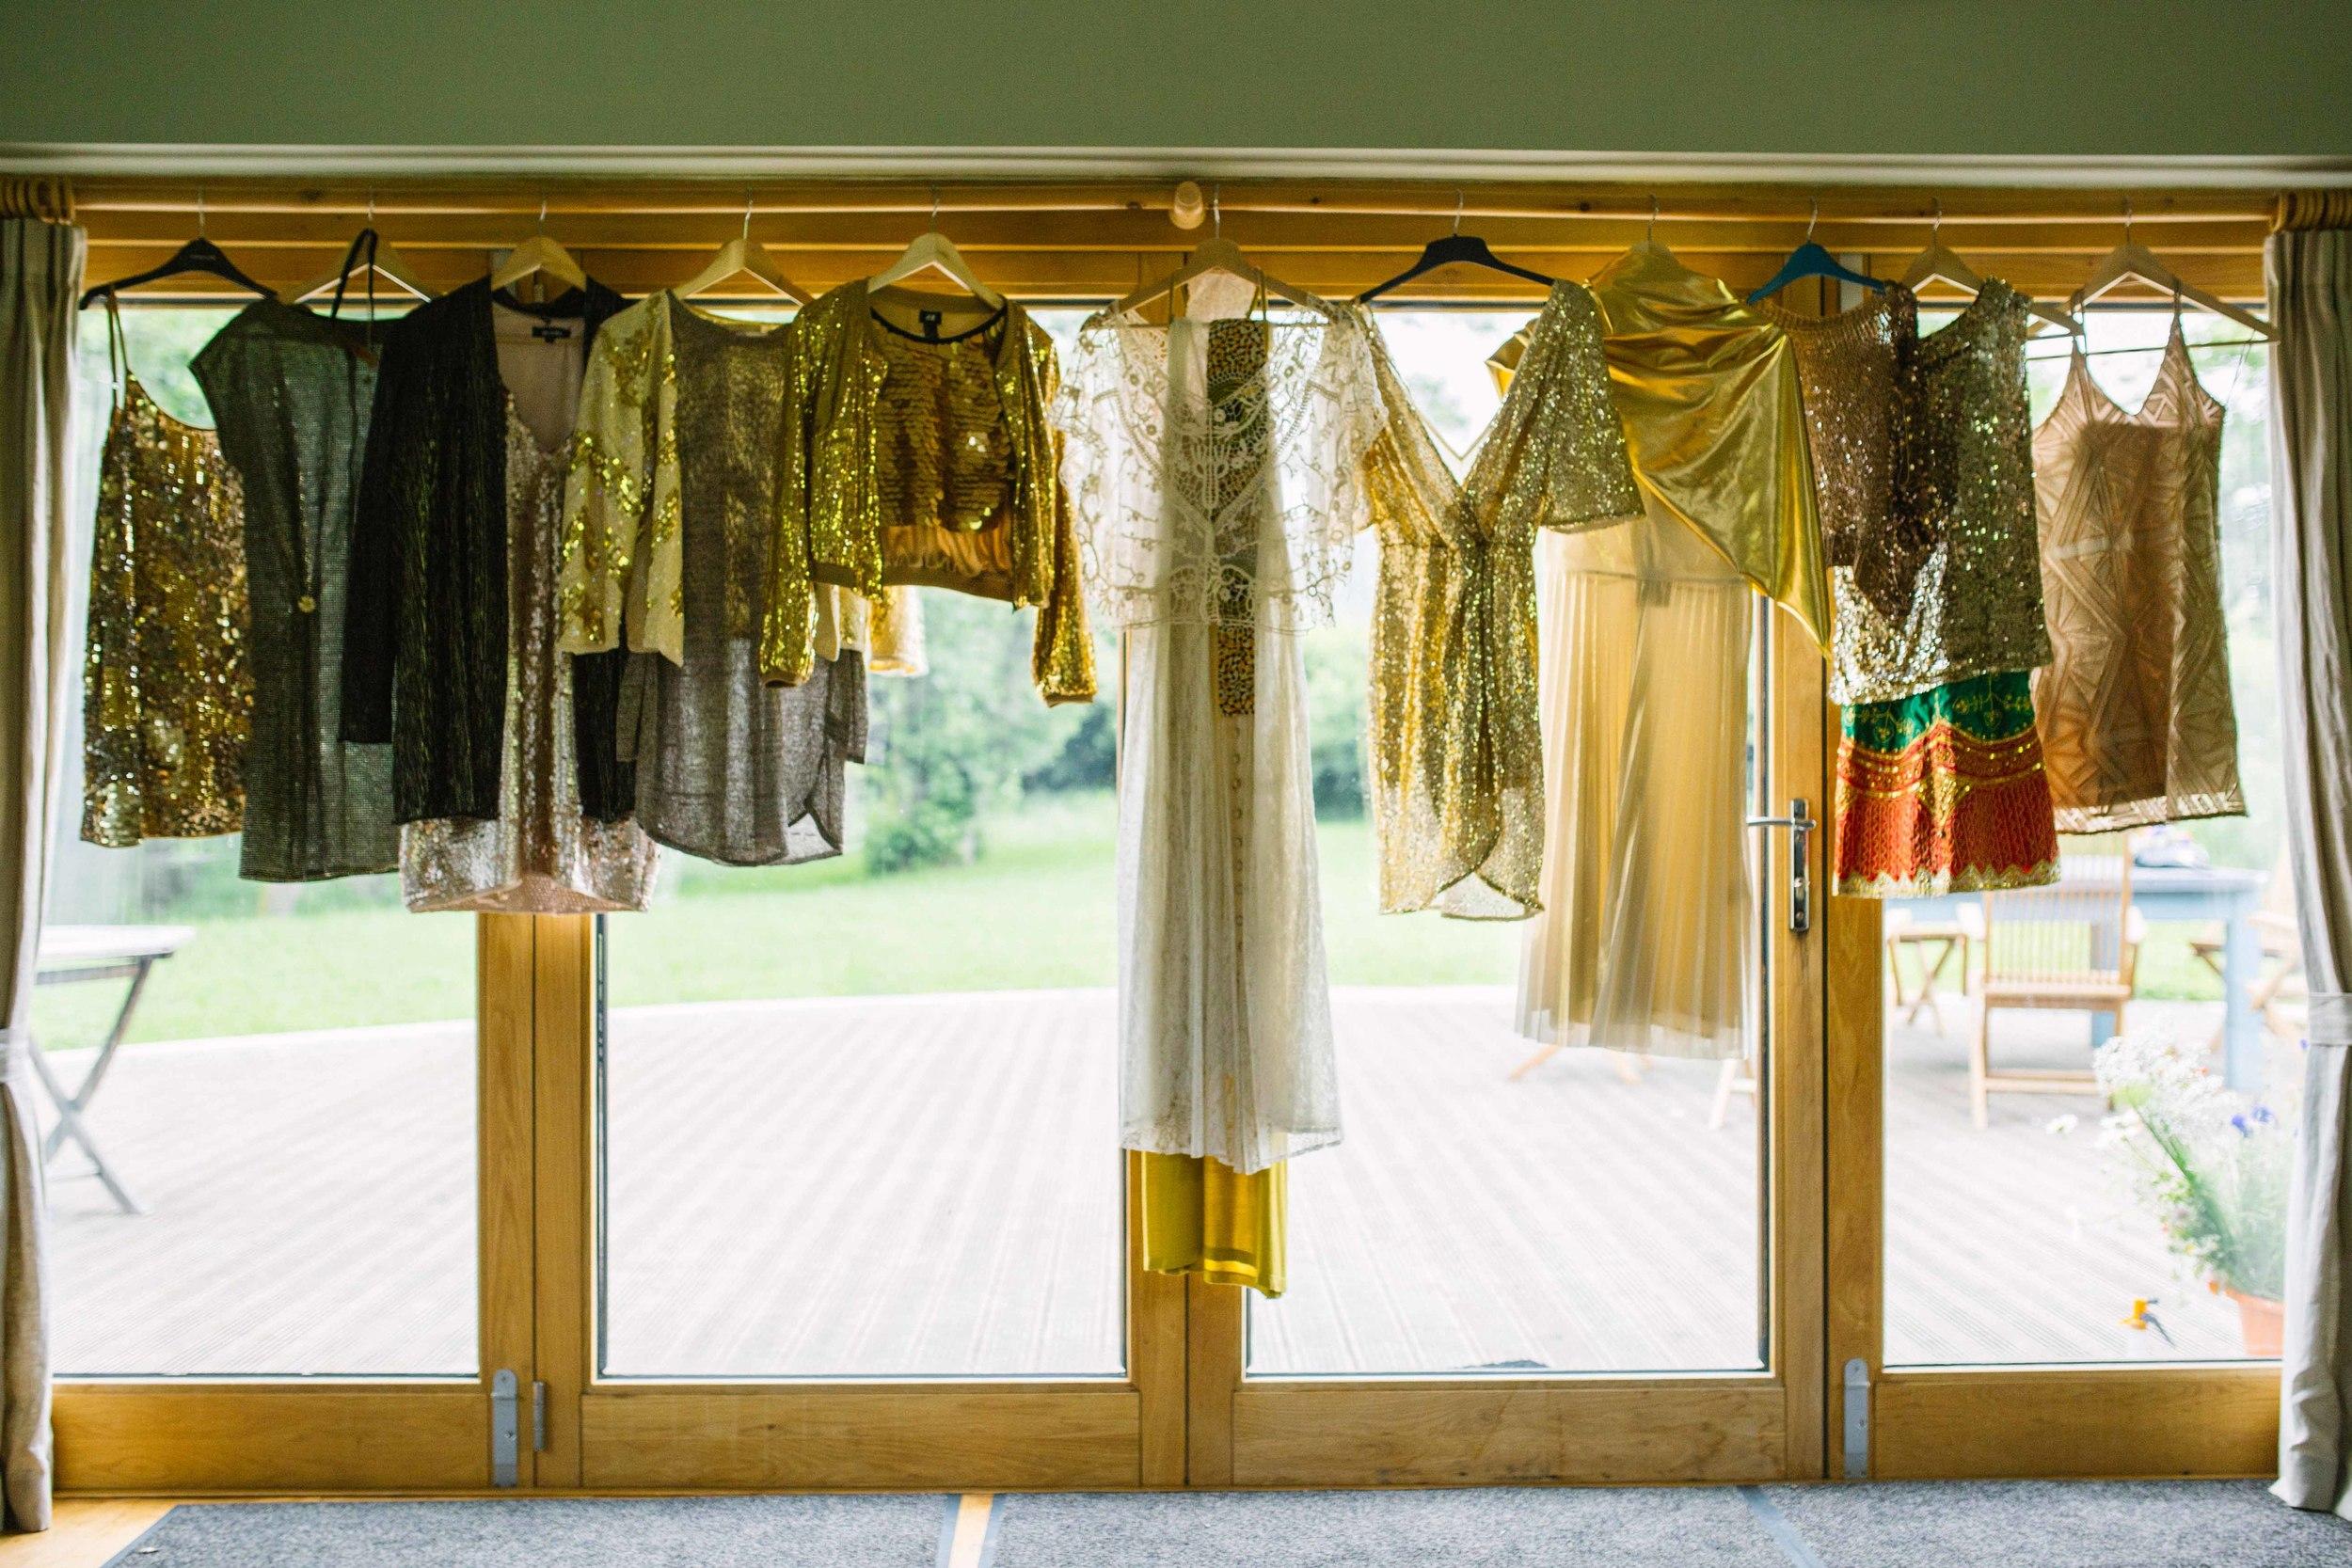 Gold wedding theme outfits UK wedding photographer Olivia Moon Photography